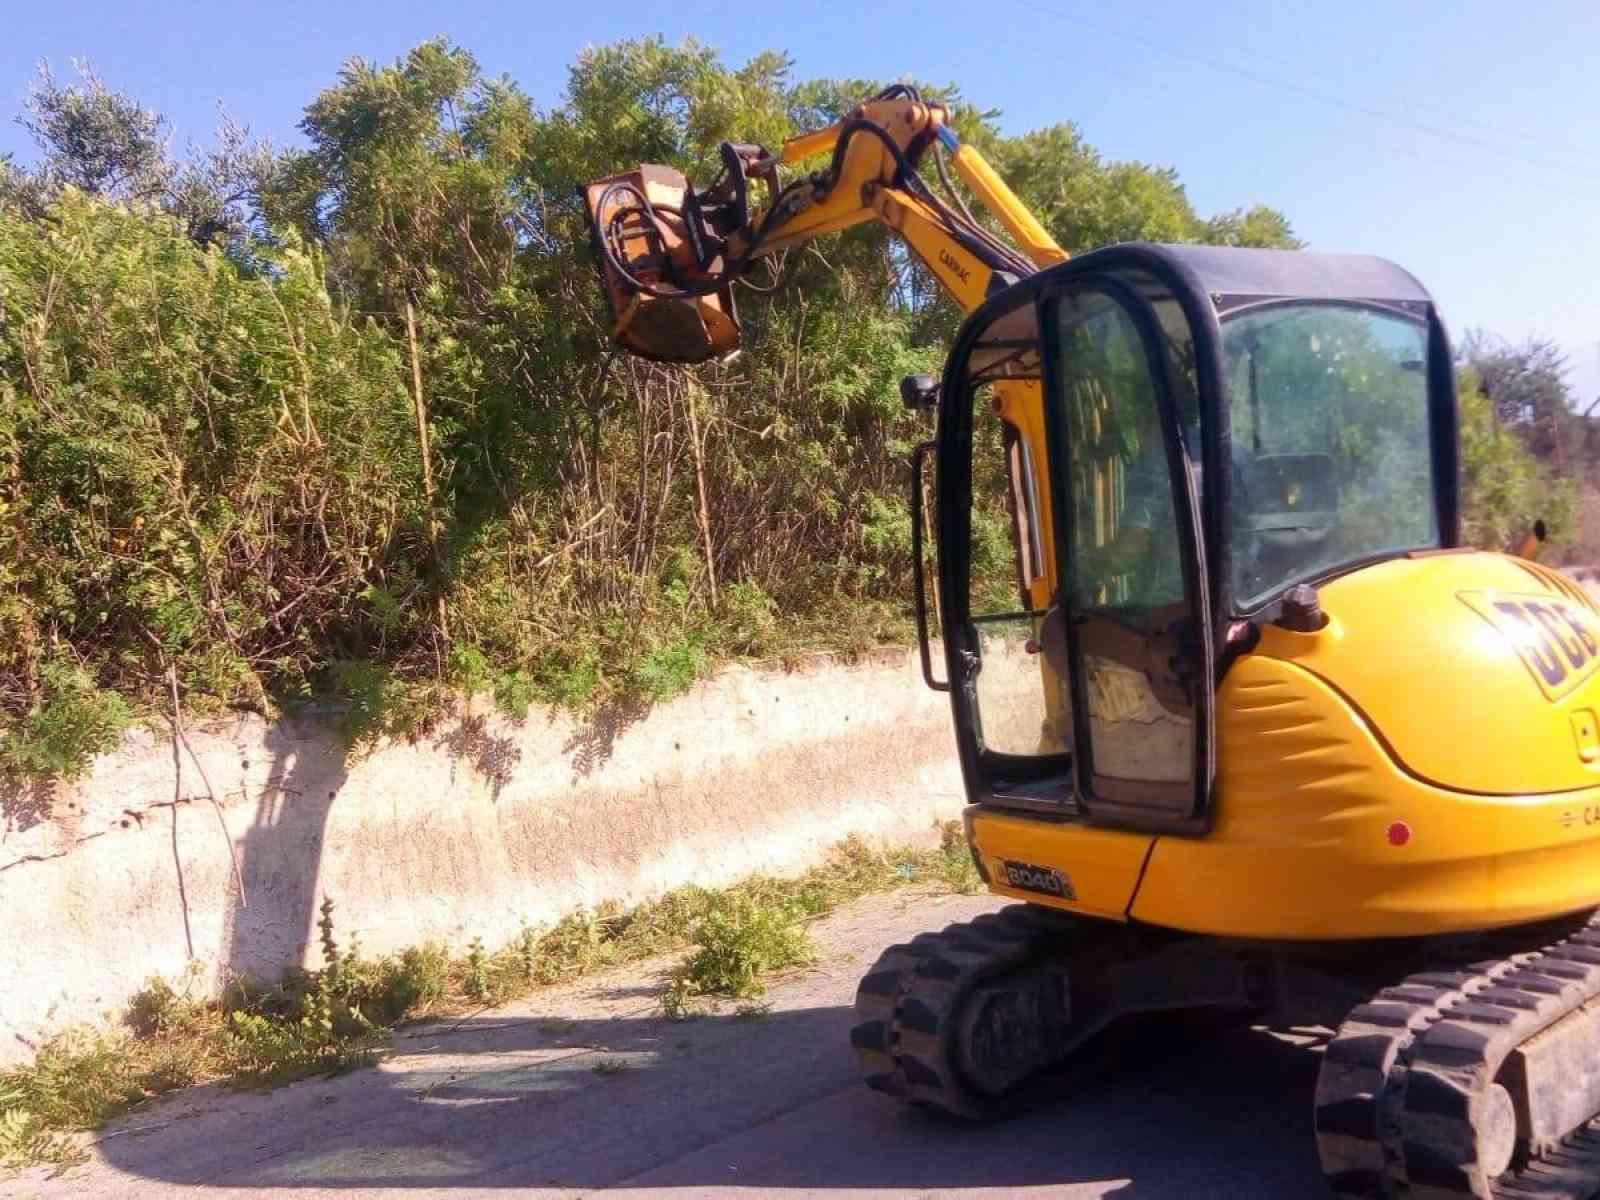 Immagine articolo: S.Marghertita, iniziati i lavori di pulizia dei cigli stradali con l'ausilio di un braccio decesplugliatore